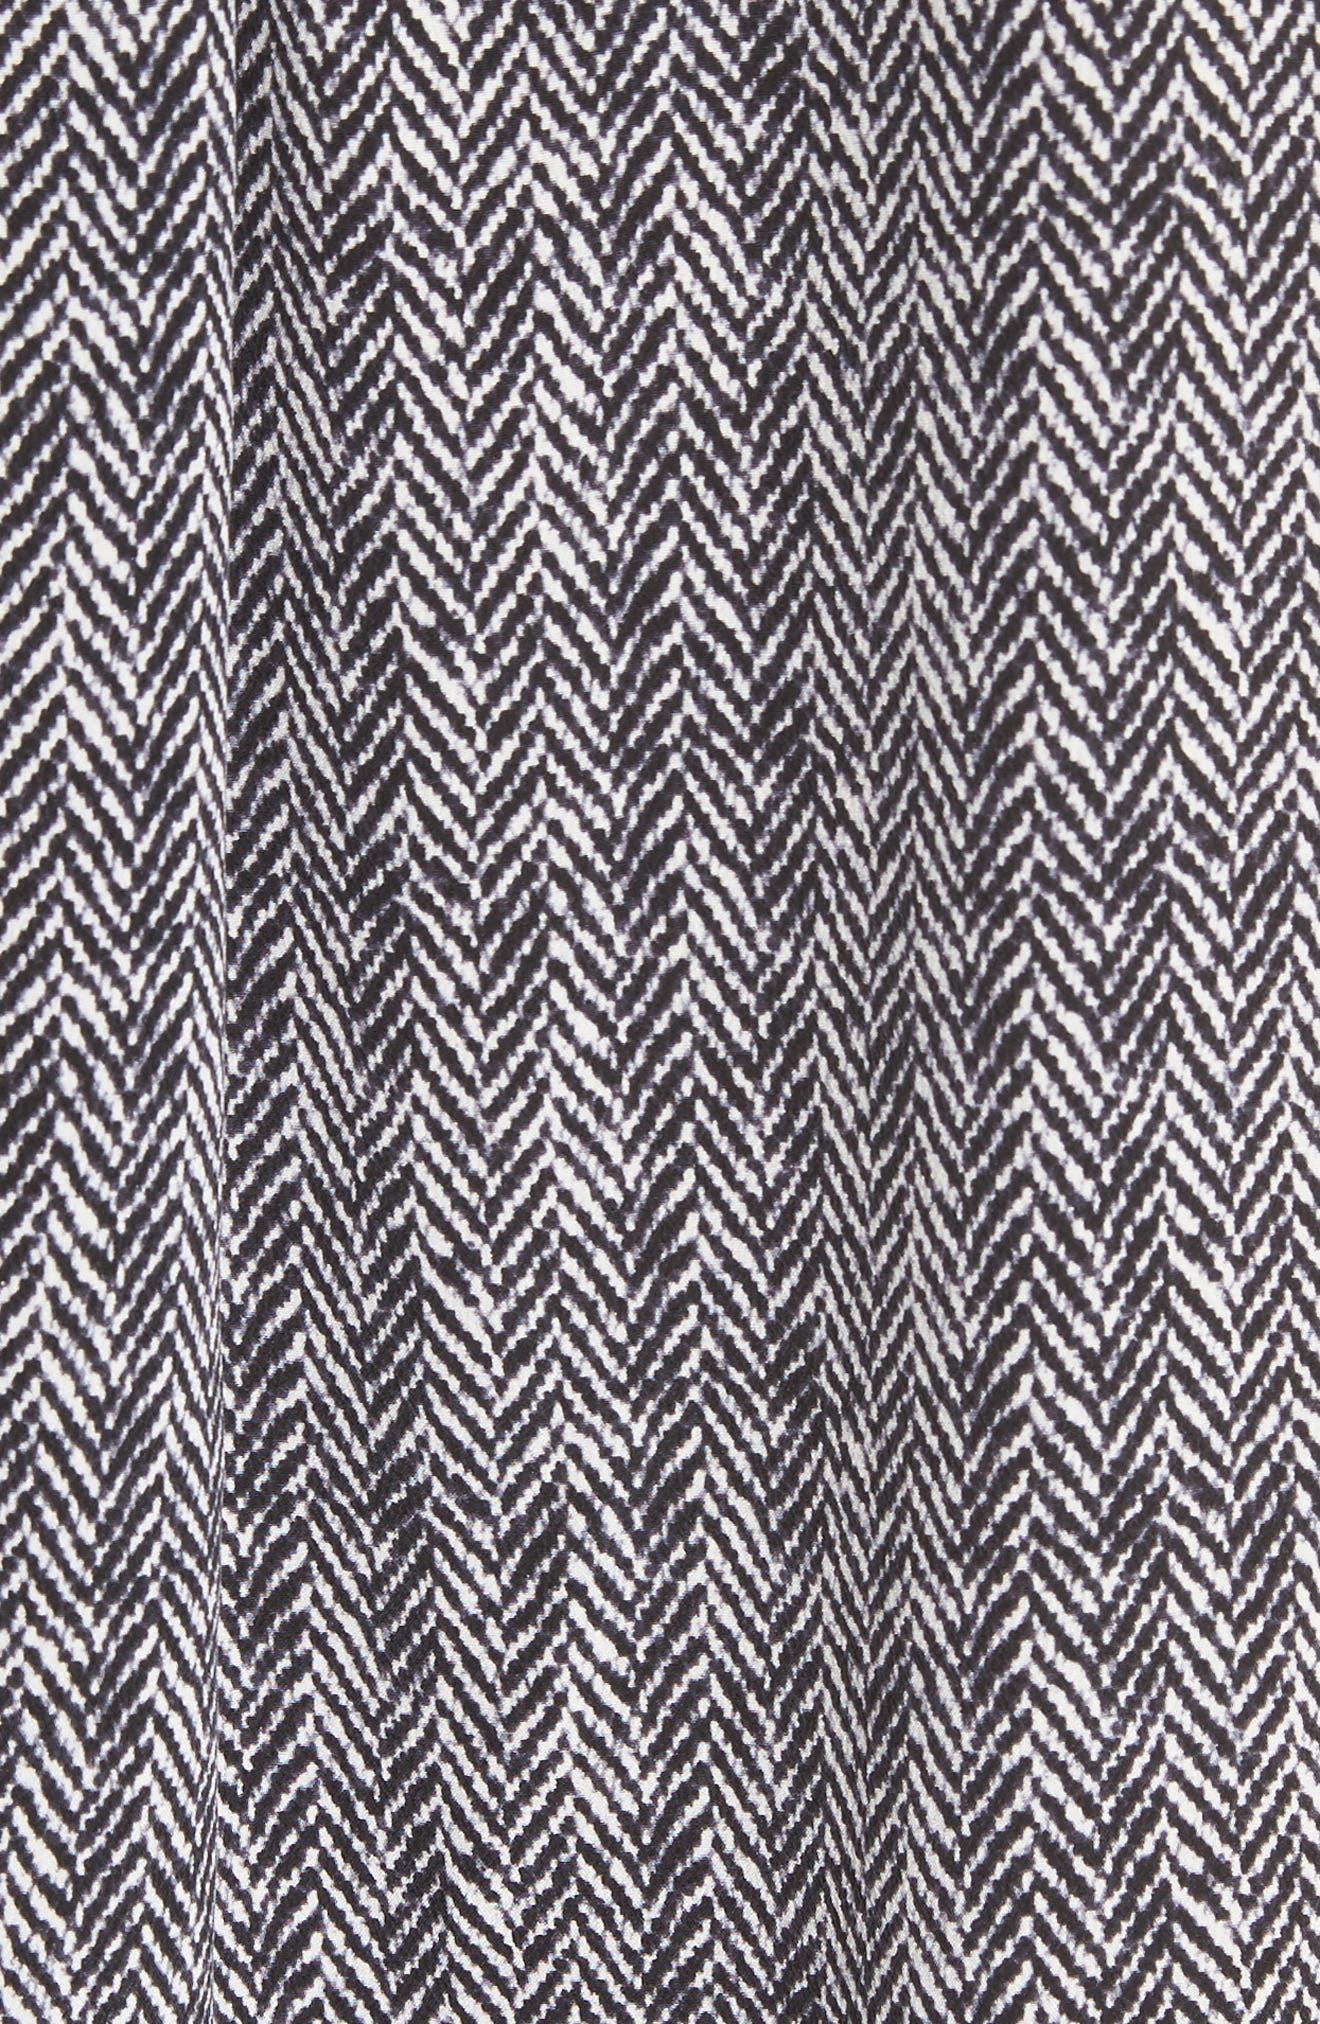 Estero Sleeveless Silk Top,                             Alternate thumbnail 5, color,                             002